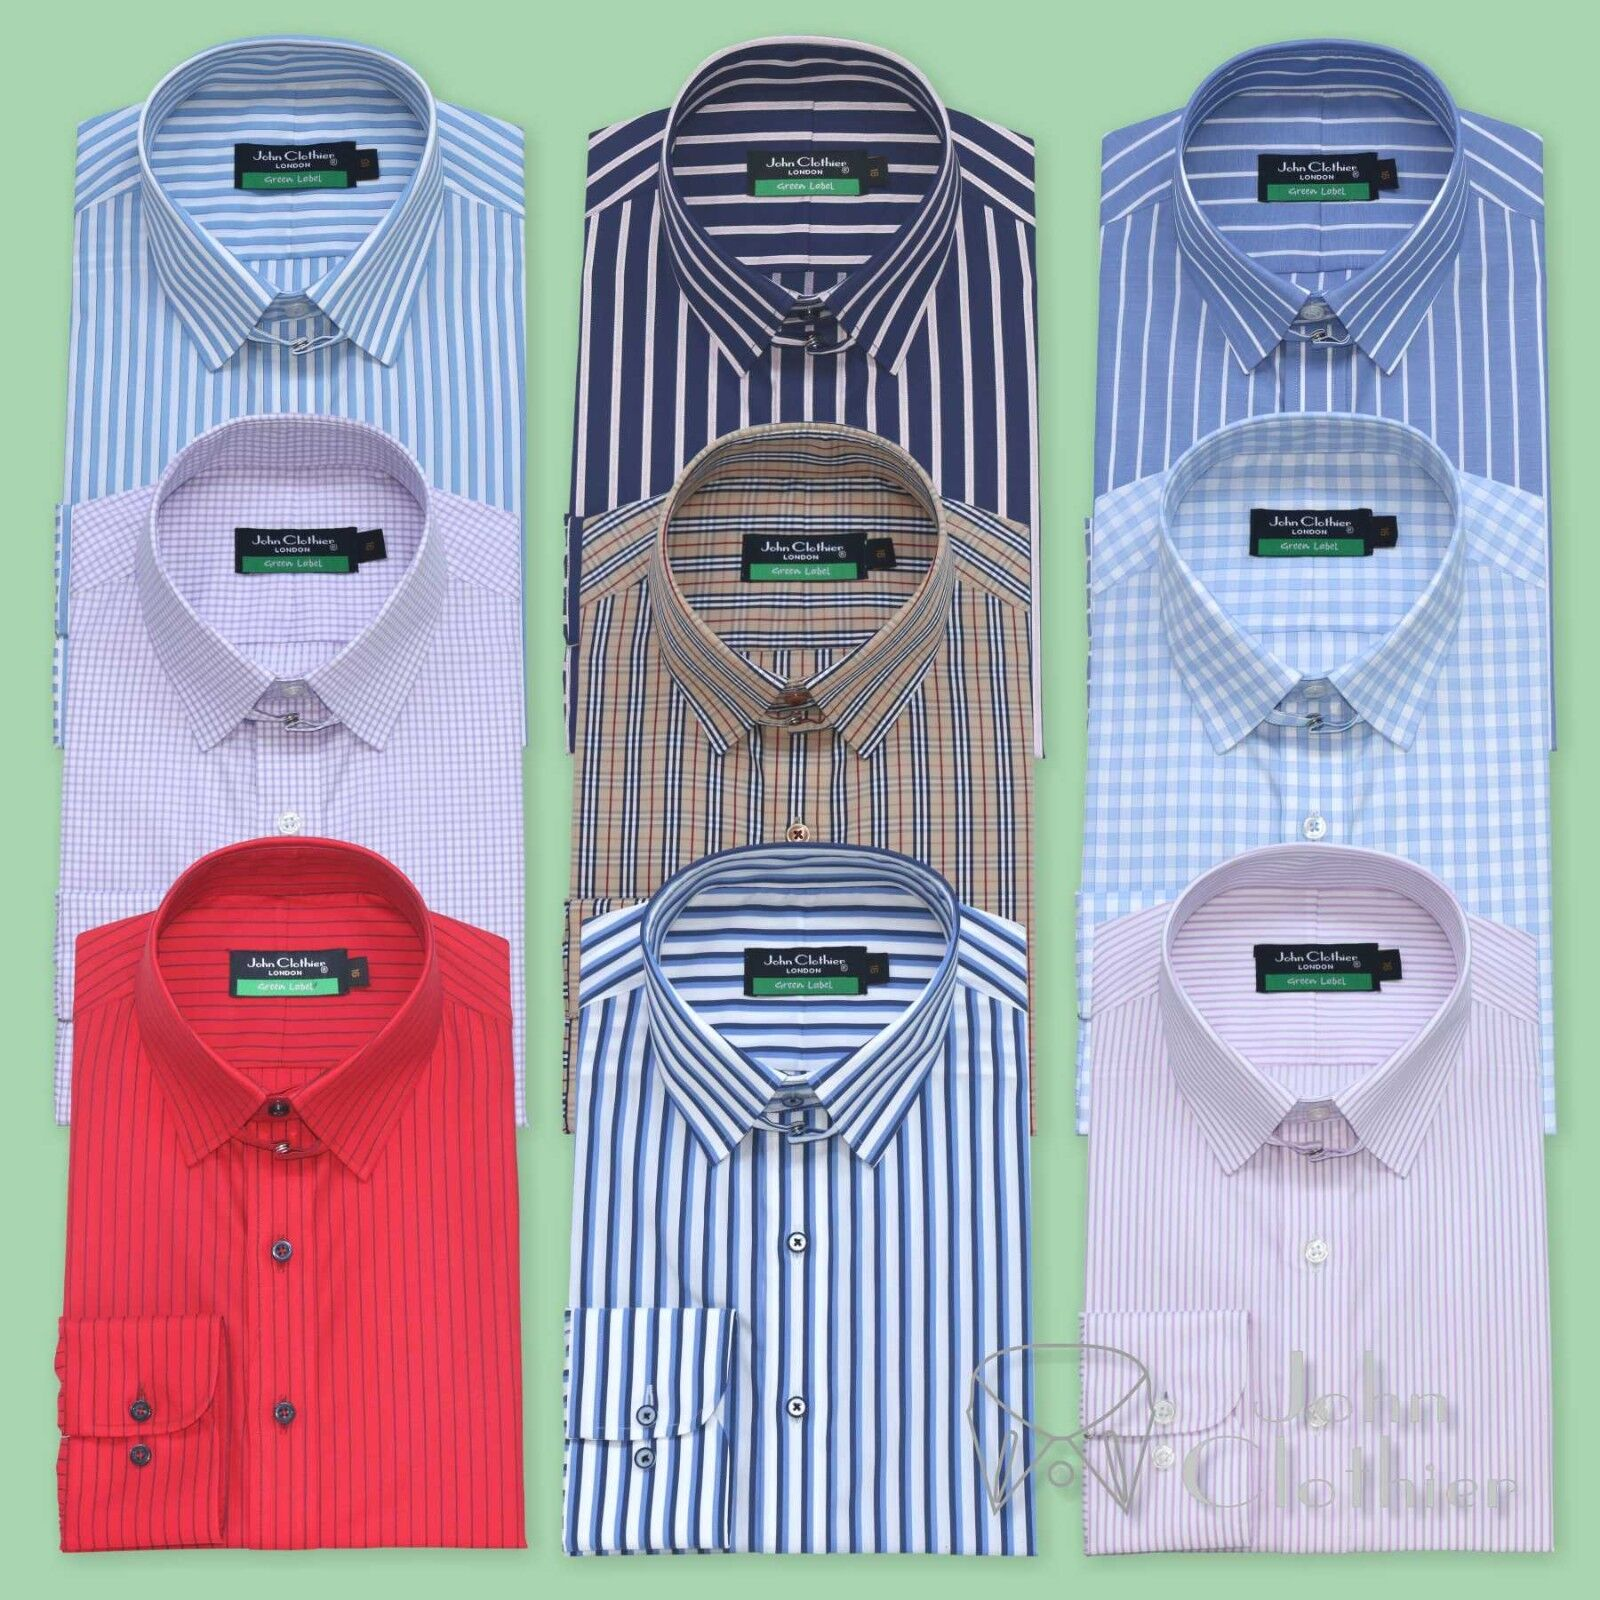 e99c197a80 ... Nuovo Collare Cotone Camicie Camicie Camicie Righe a Quadretti Anello  Colletto da Uomo Legame 6d3608 ...